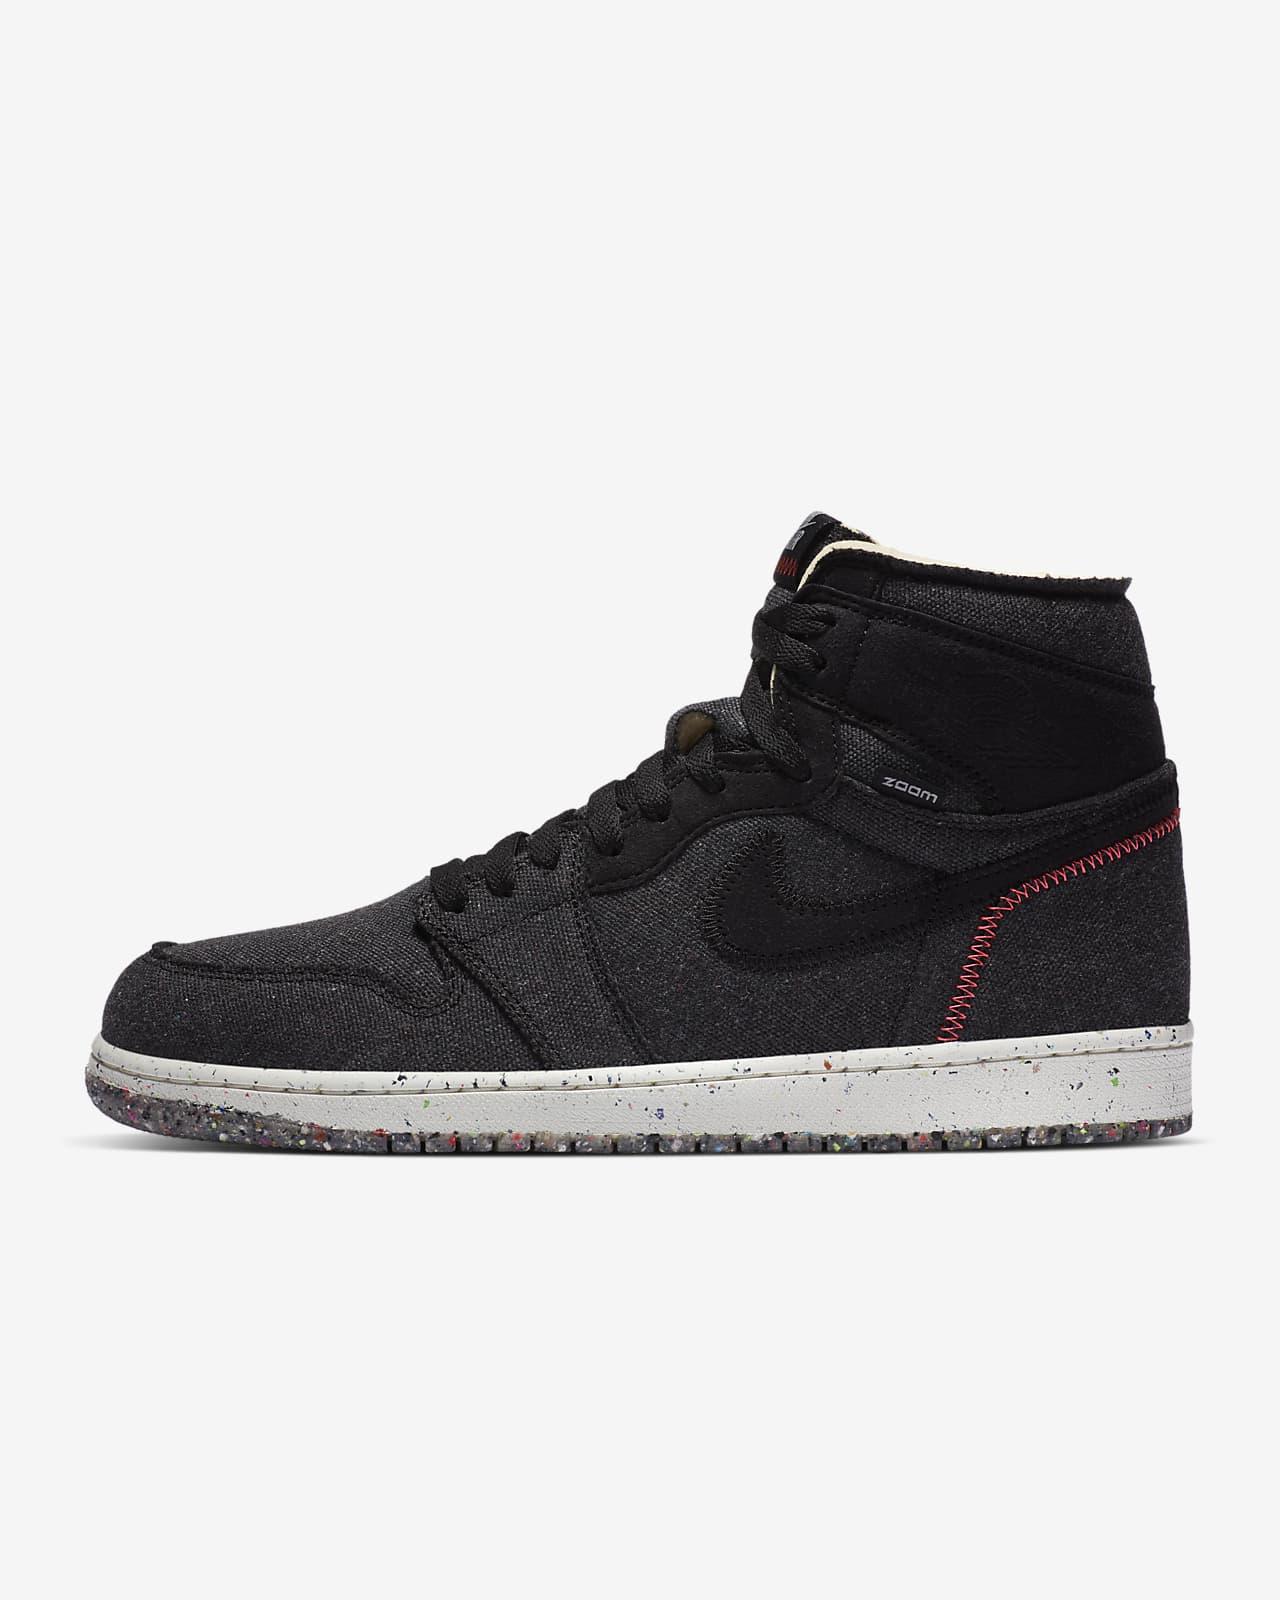 Chaussure Air Jordan 1 High Zoom pour Homme. Nike LU